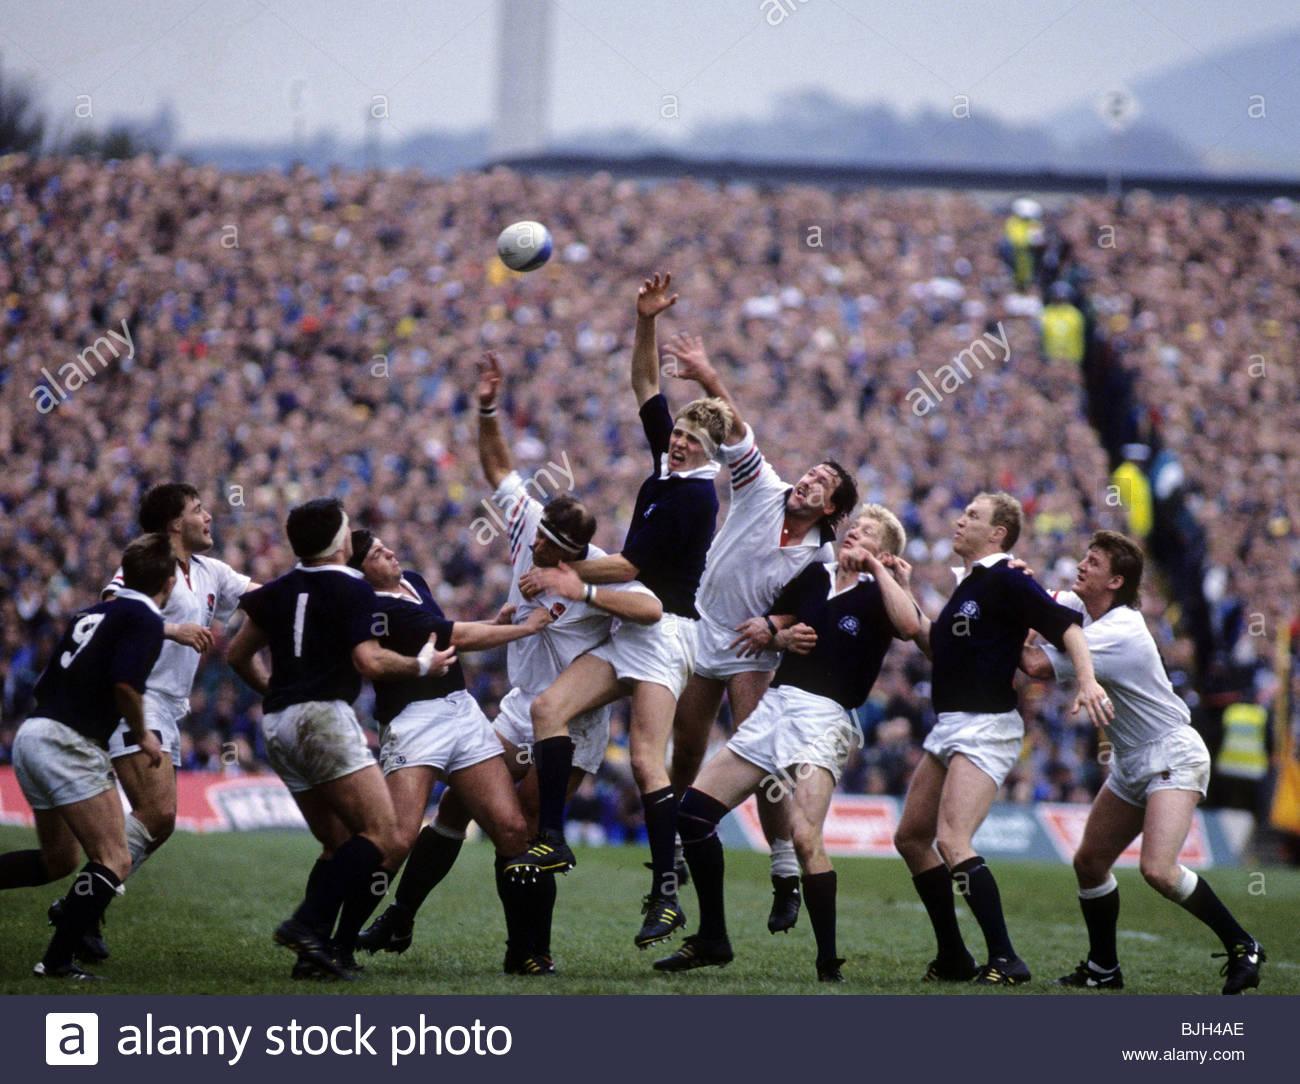 Scotland V Australia World Rugby: Doddie Weir Stock Photos & Doddie Weir Stock Images